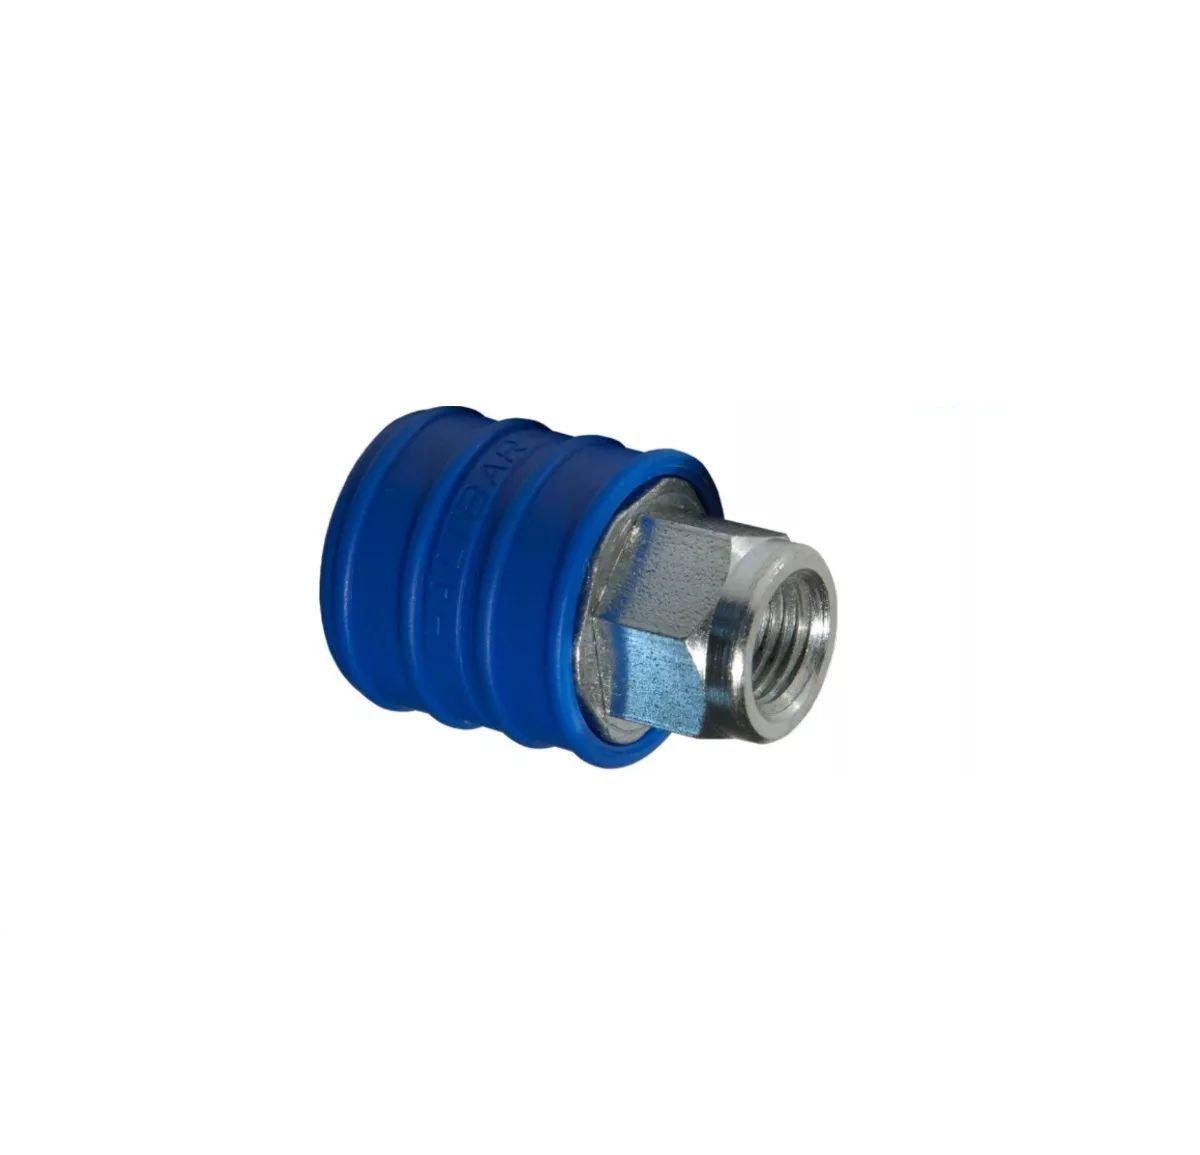 Engate Rápido De Ar 1/4 Polegadas Azul Fêmea Para Compressor